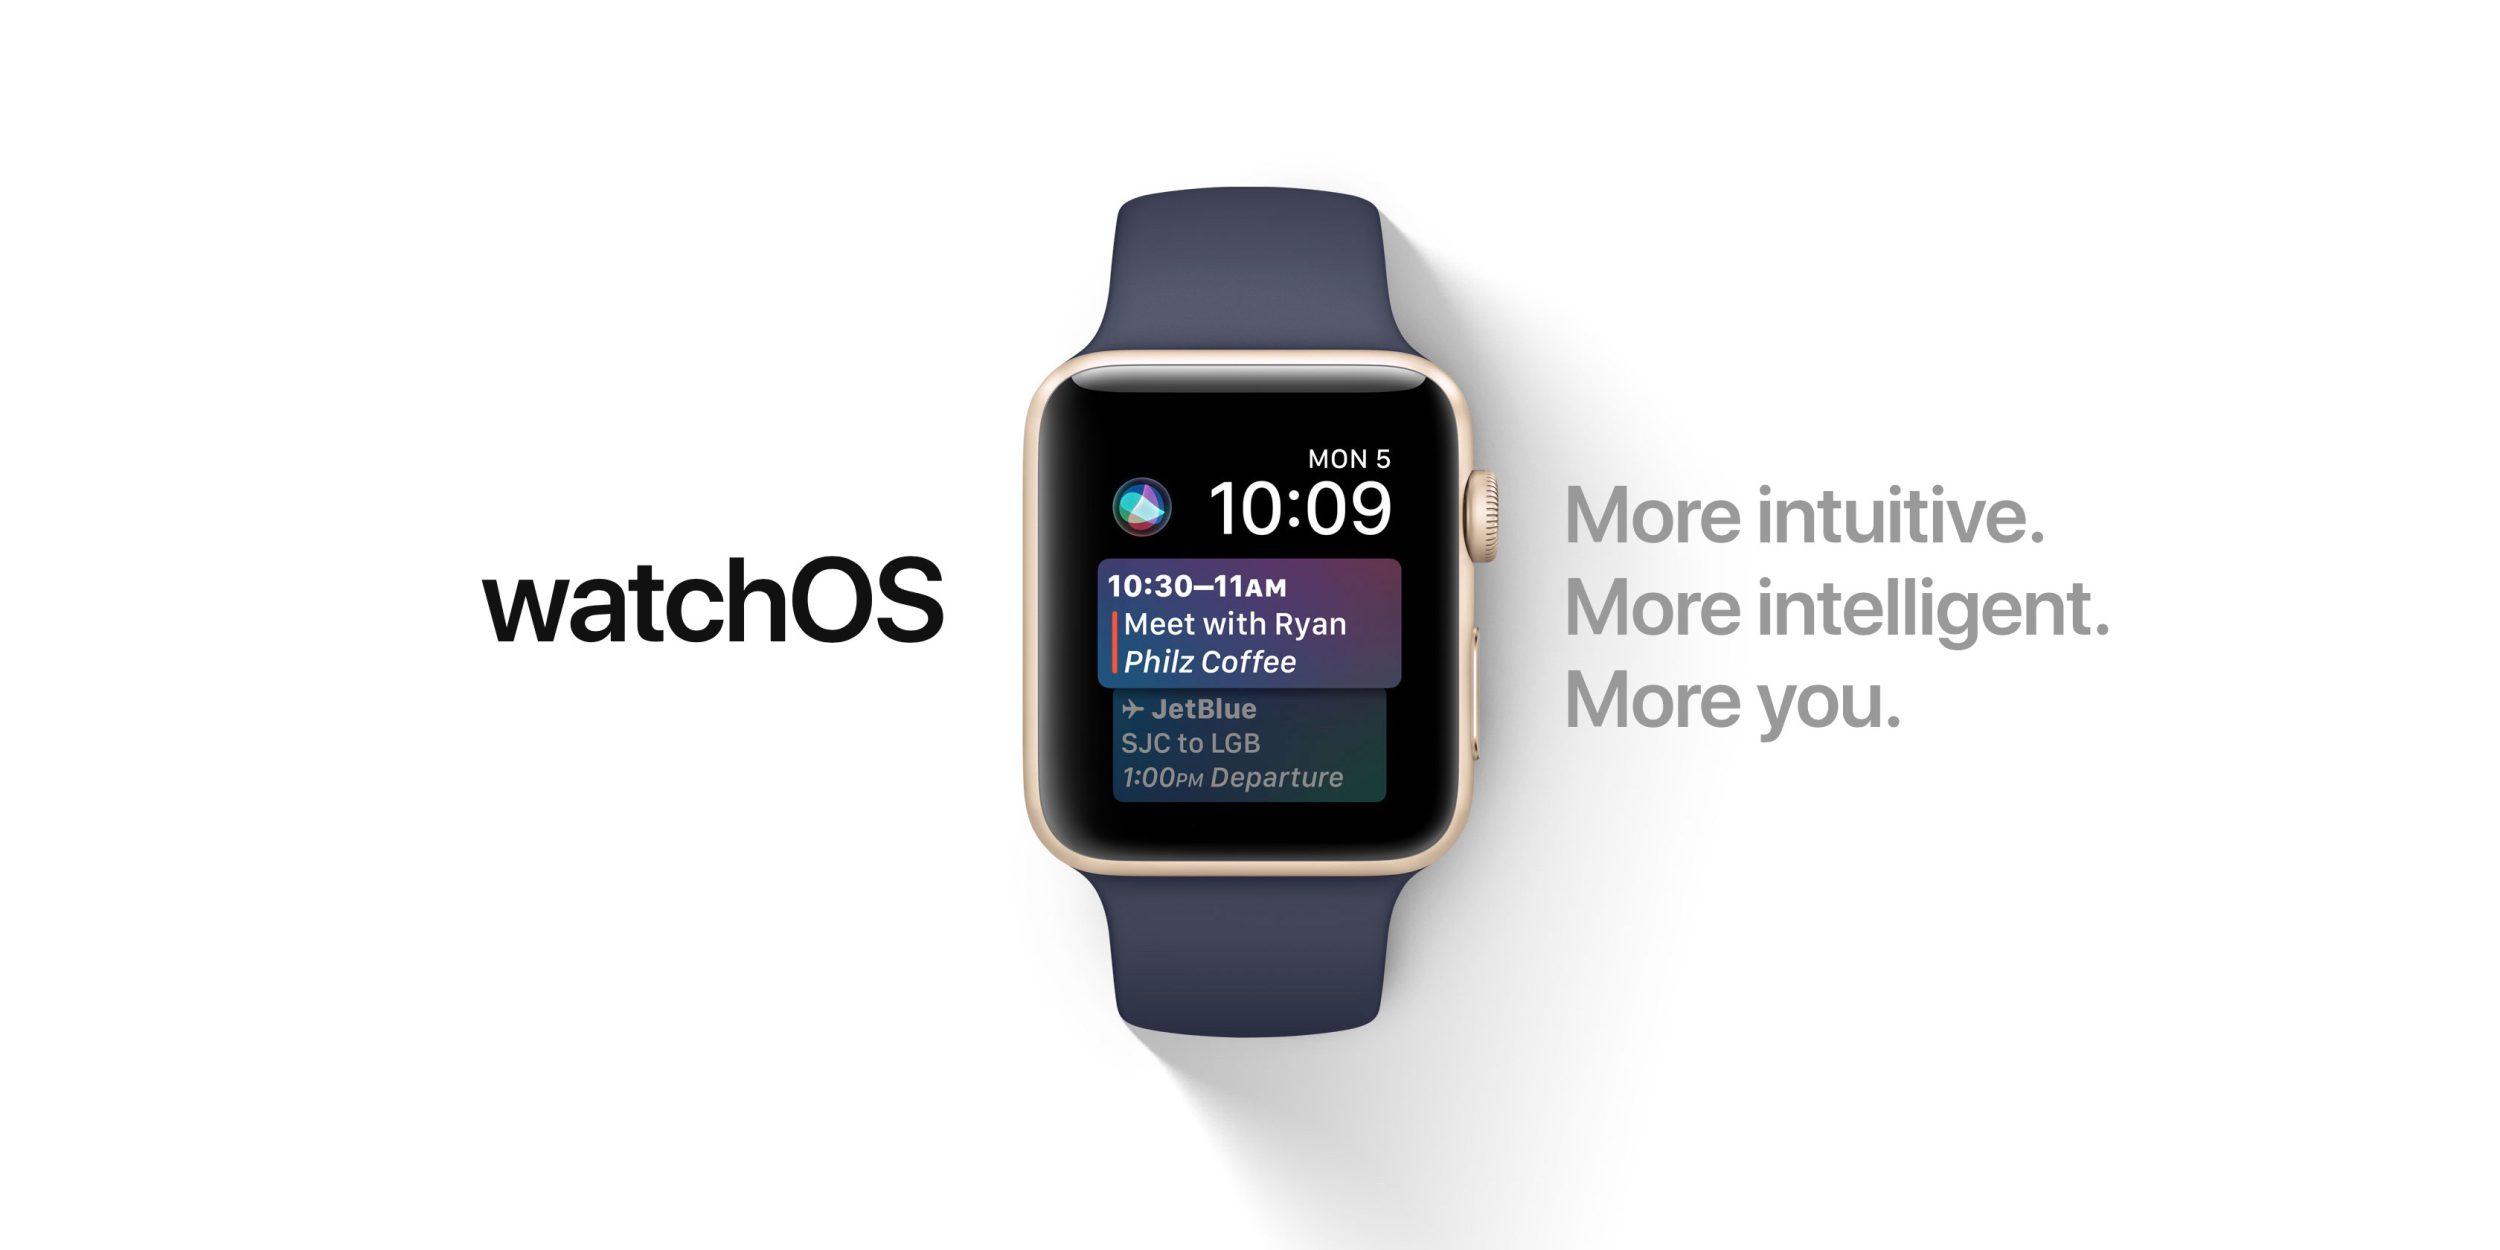 watchOS 4.3 aneb spousta novinek, ovšem stále za konkurencí